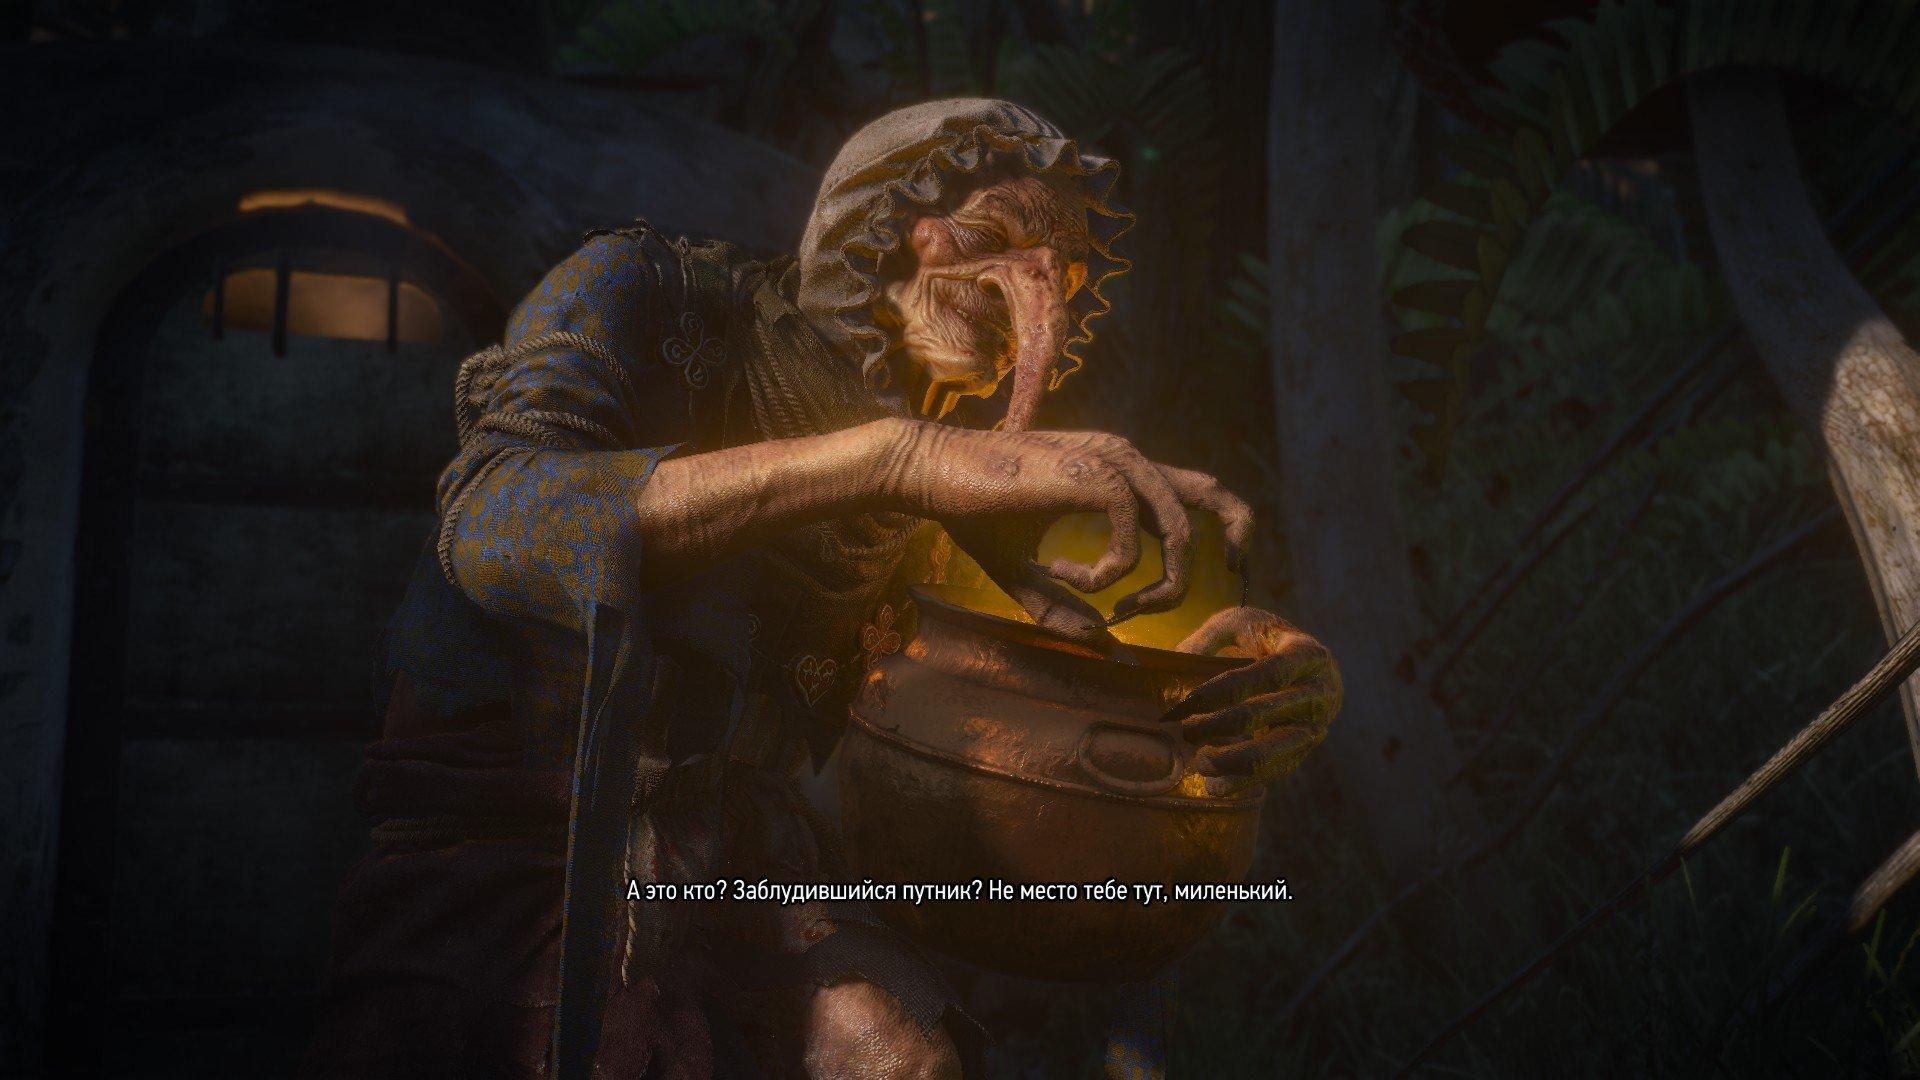 Вопль-прохождение Witcher 3: Кровь и Вино ... ФИНАЛ!!! [ВНИМАНИЕ, СПОЙЛЕРЫ] - Изображение 21